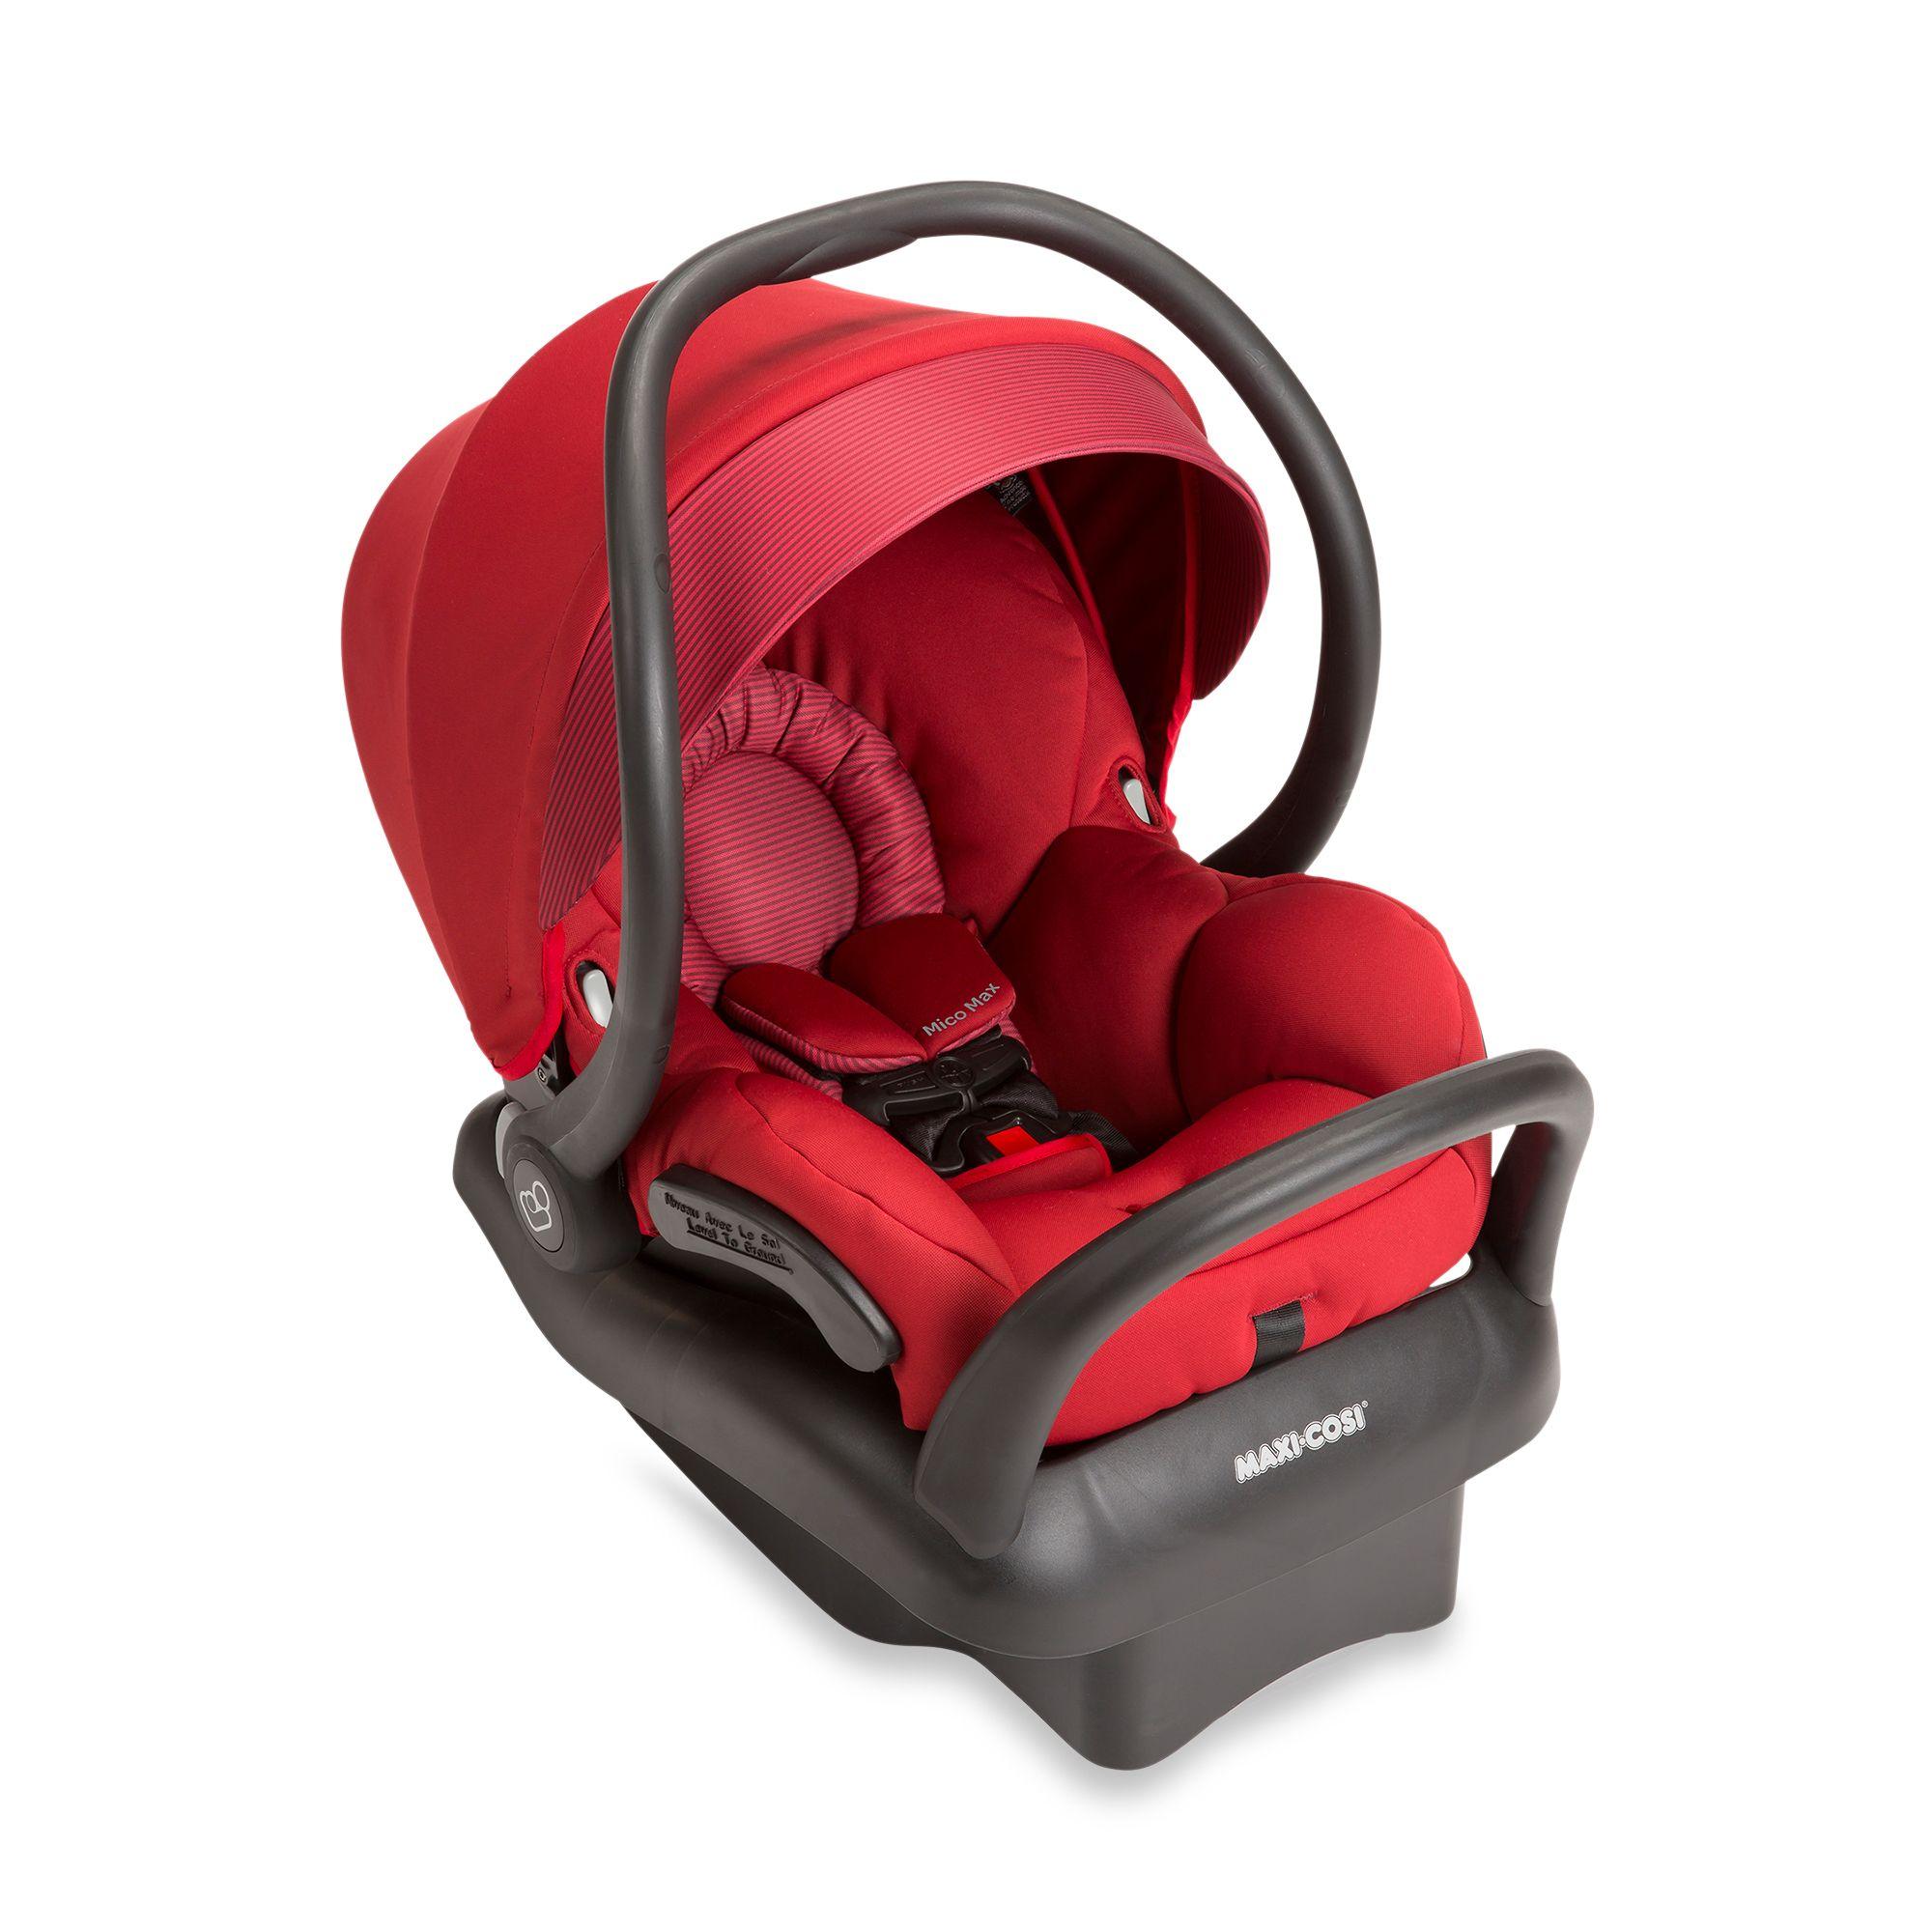 Maxi-cosi Infant Car Seat Footmuff Infant Car Seats Maxi-cosi®